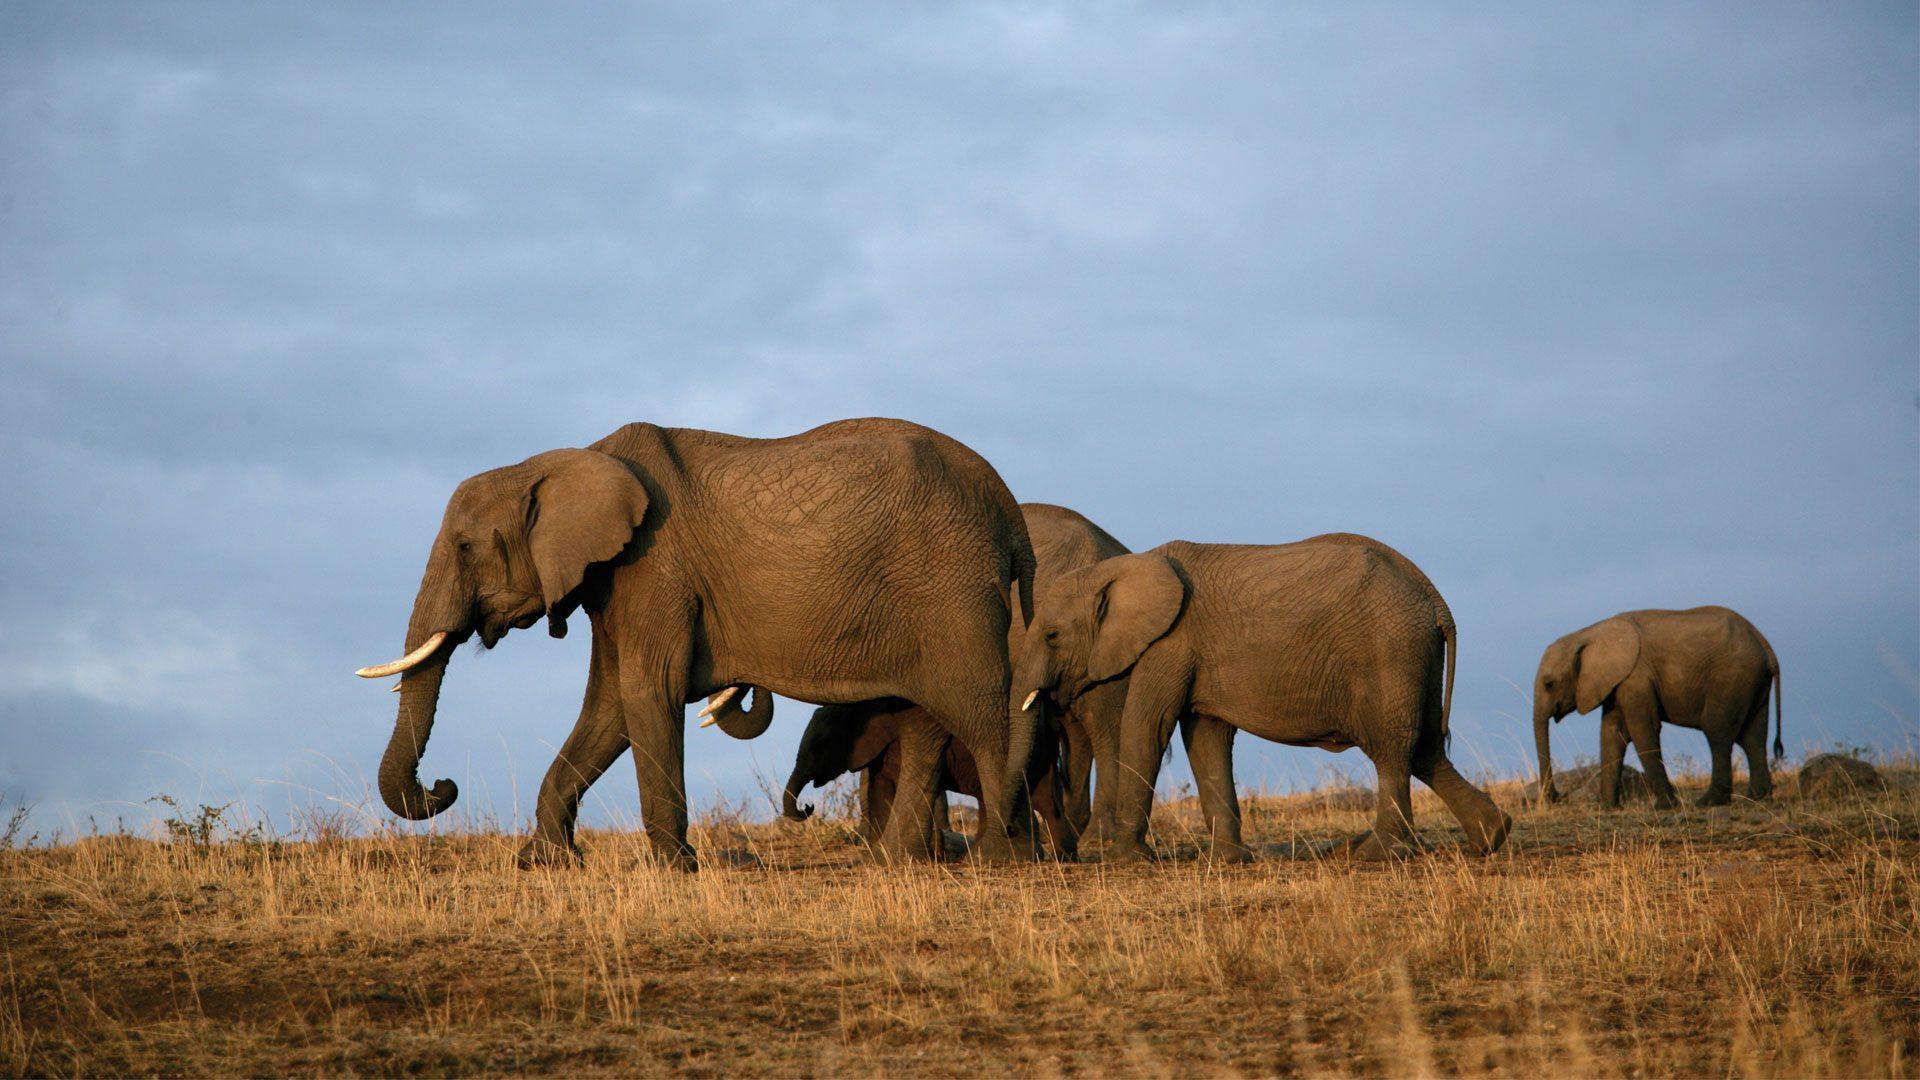 8-Day Trip to Kenya - Exploring Game Reserves, Big 5 Sighting 7